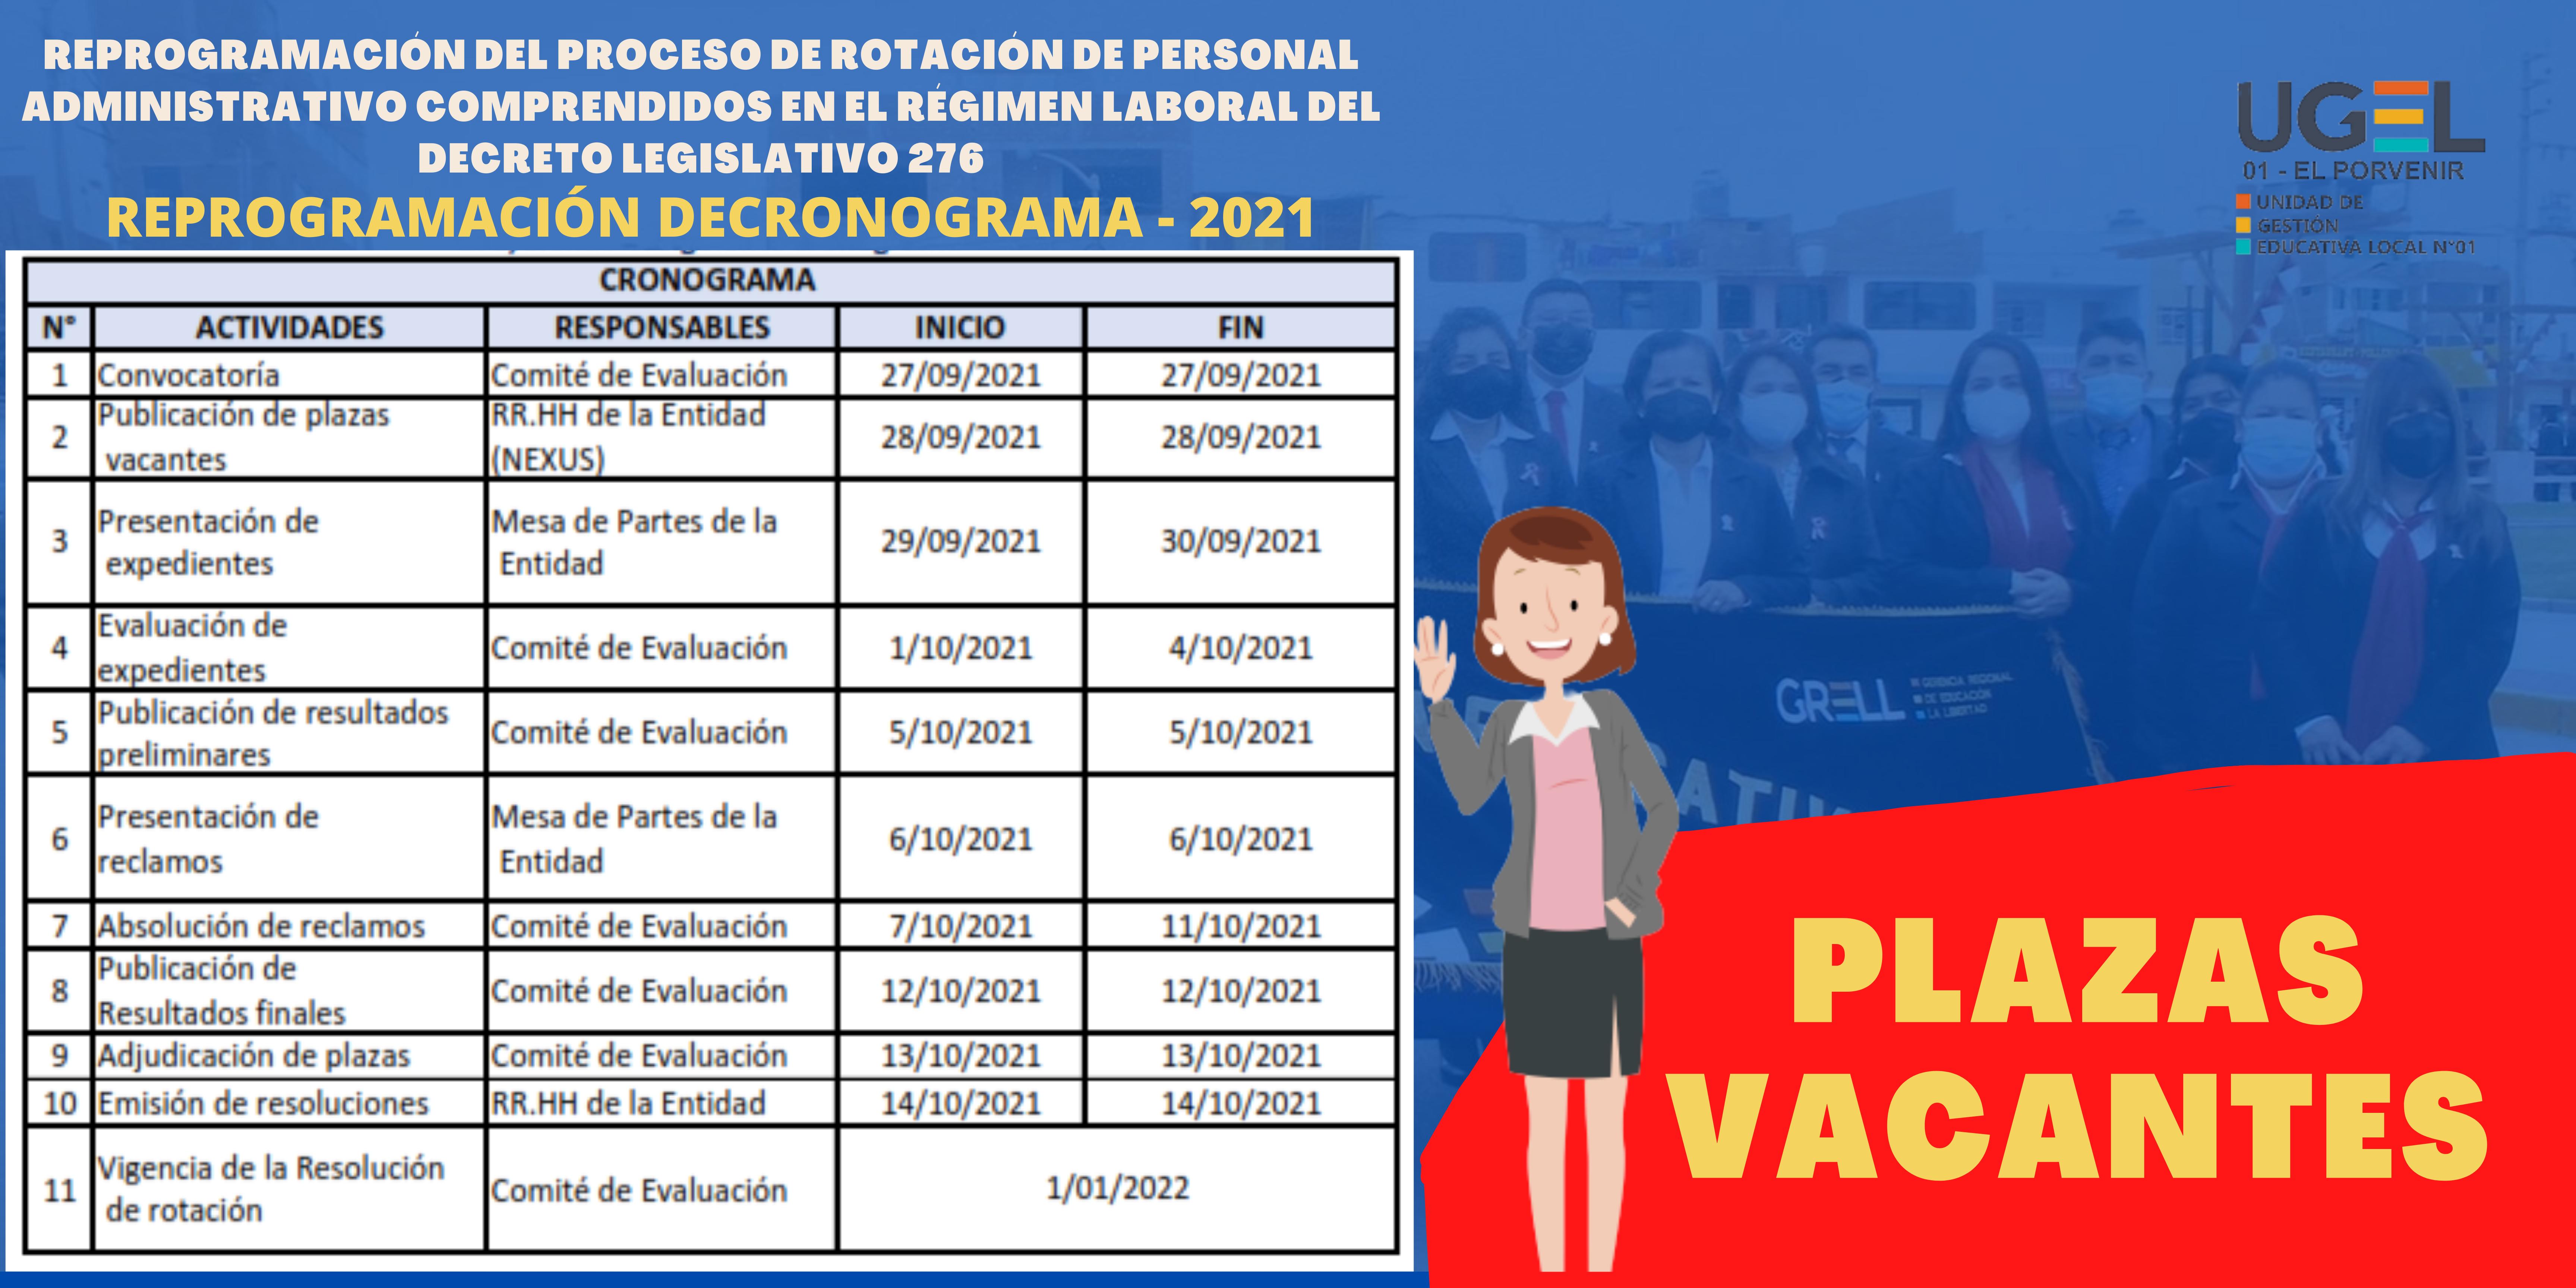 REPROGRAMACIÓN DEL PROCESO DE ROTACIÓN DE PERSONAL ADMINISTRATIVO COMPRENDIDOS EN EL RÉGIMEN LABORAL DEL DECRETO LEGISLATIVO 276